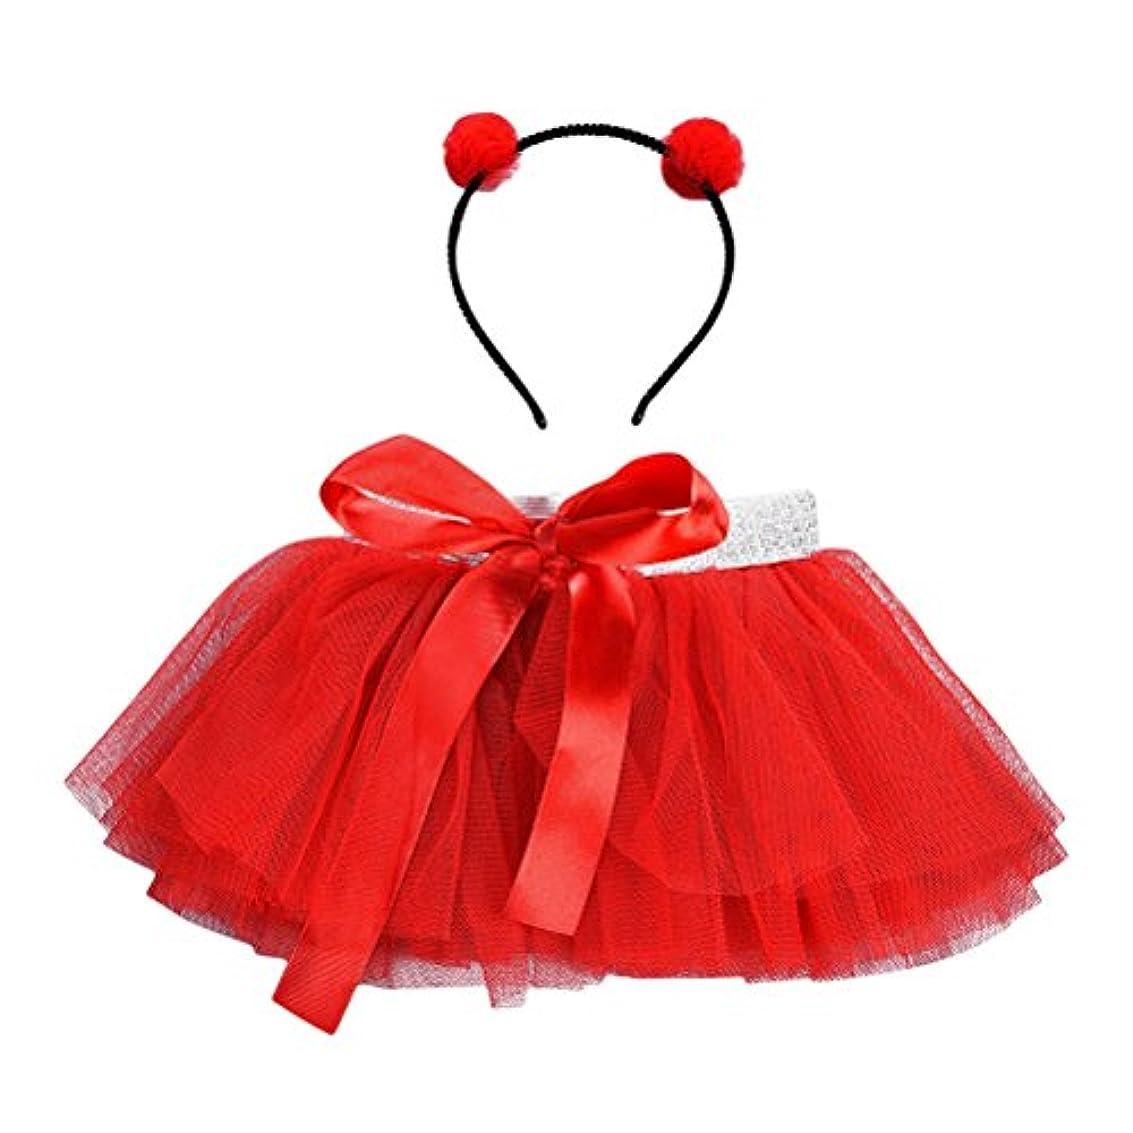 回復コジオスコハウジングLUOEM 女の子TutuスカートセットヘッドバンドプリンセスガールTutuの服装赤ちゃん女の子Birthday Outfit Set(Red)